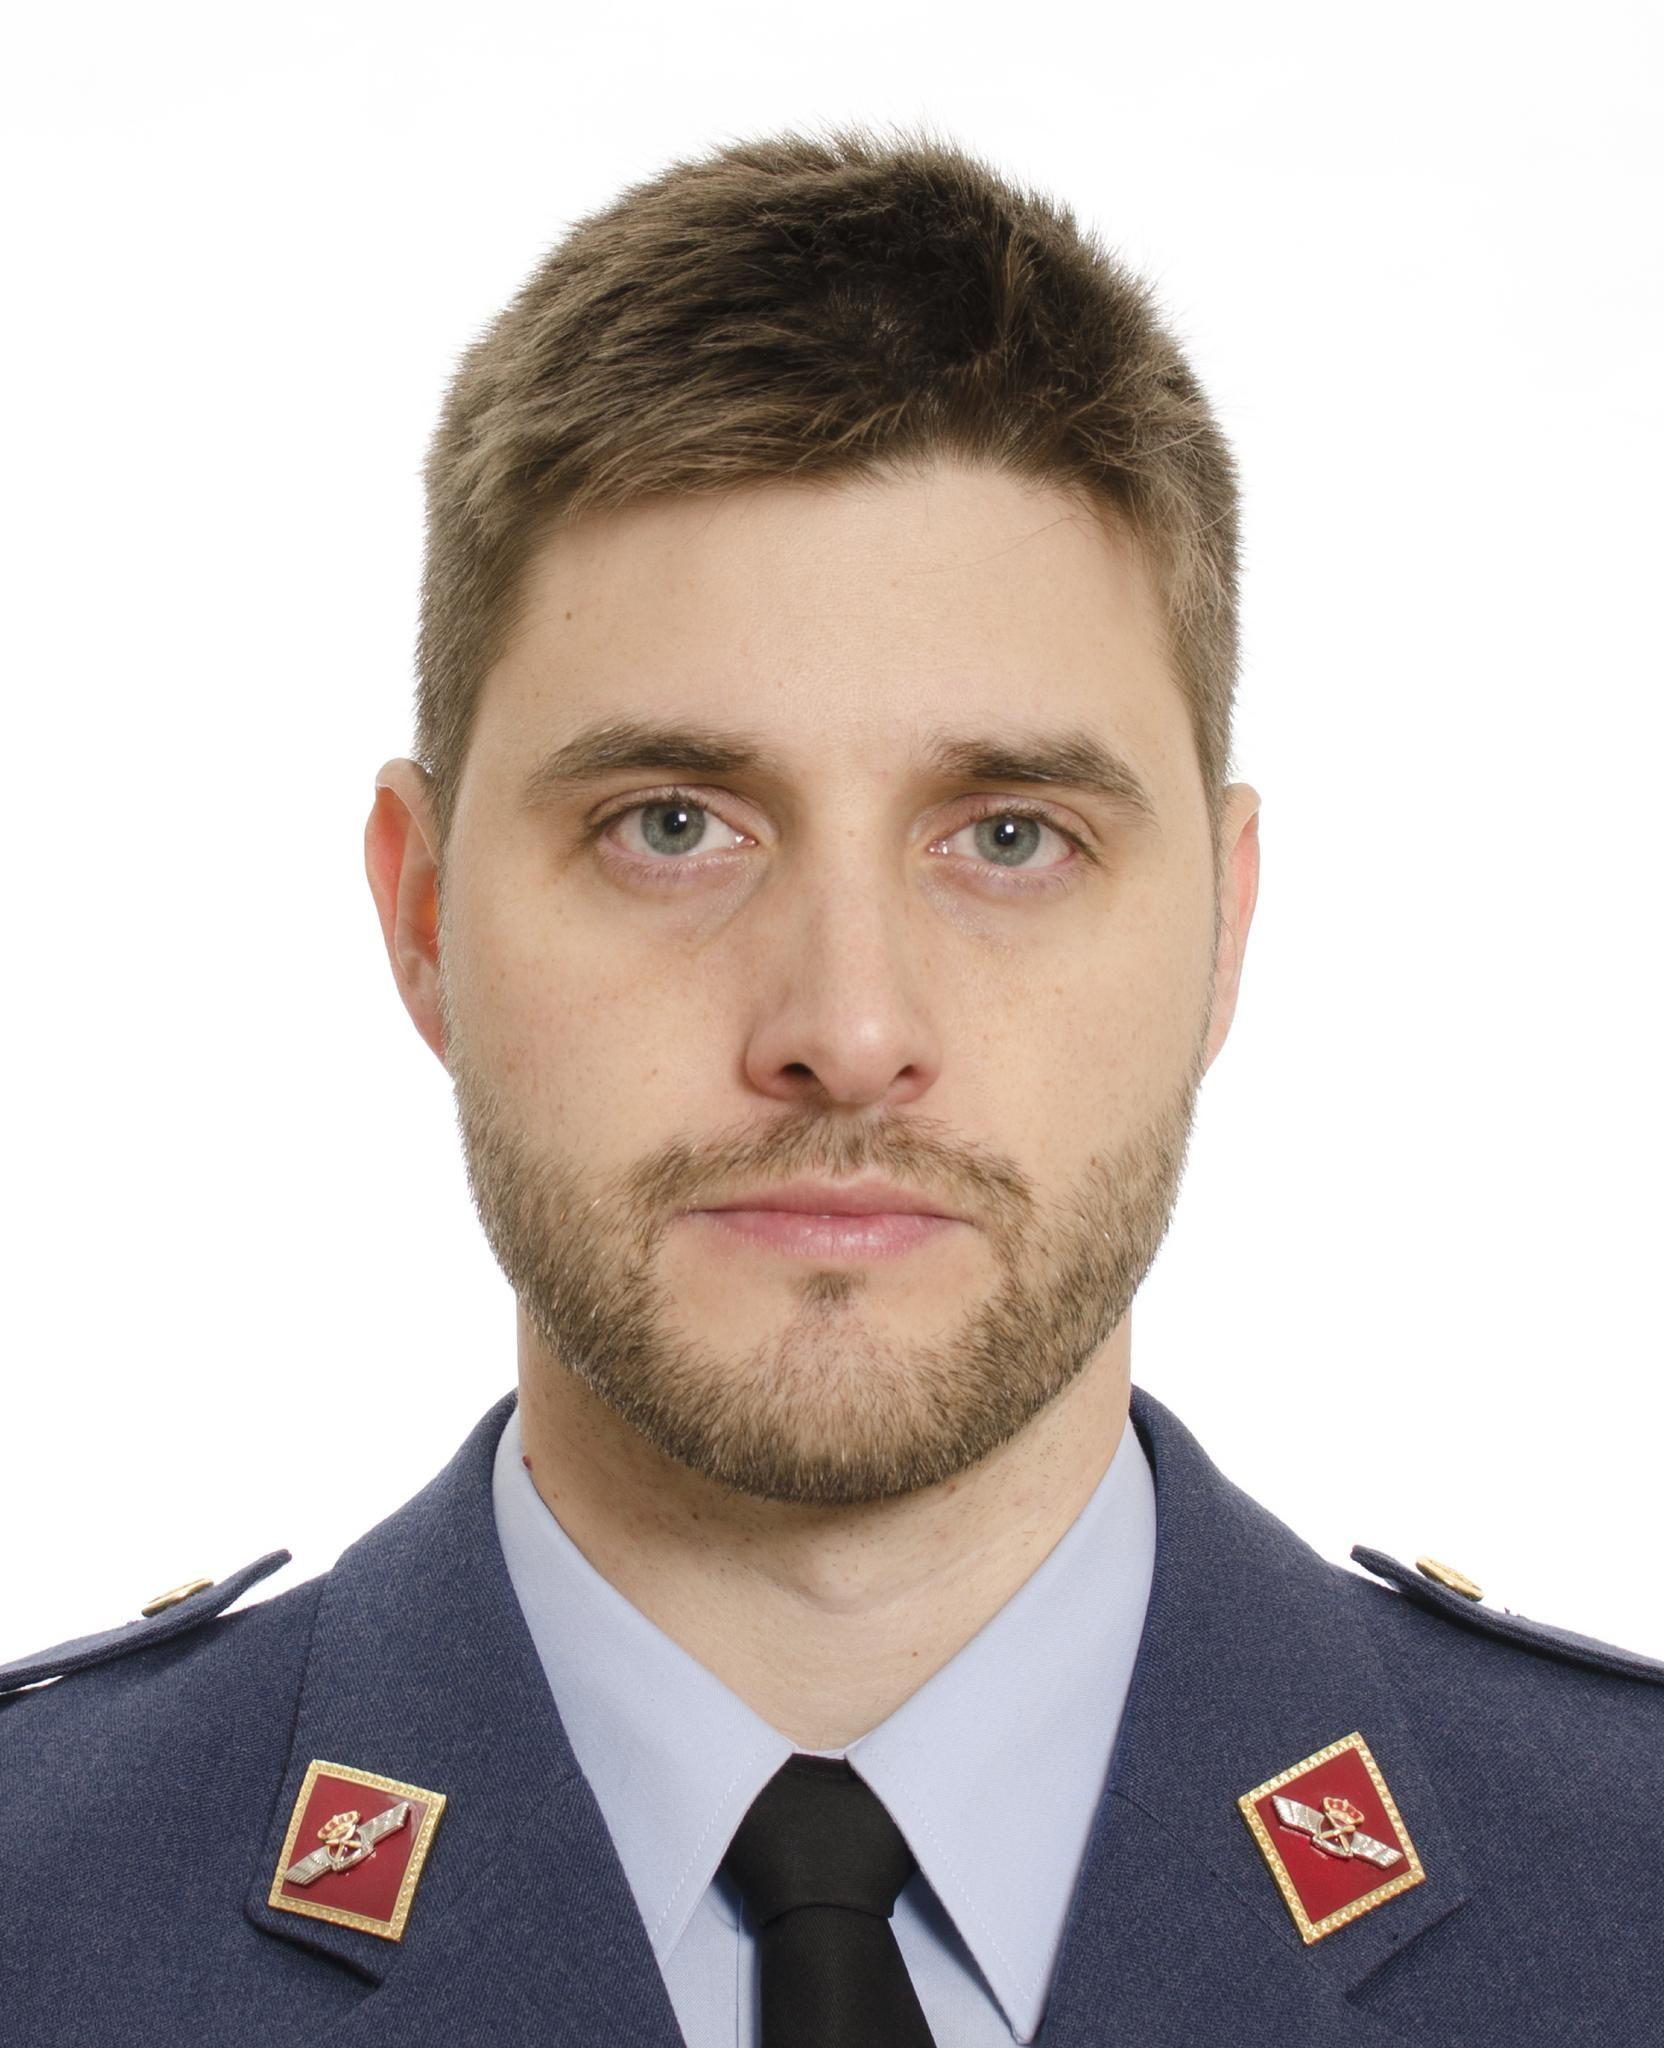 Captain Reinaldo Fernandez Boyero